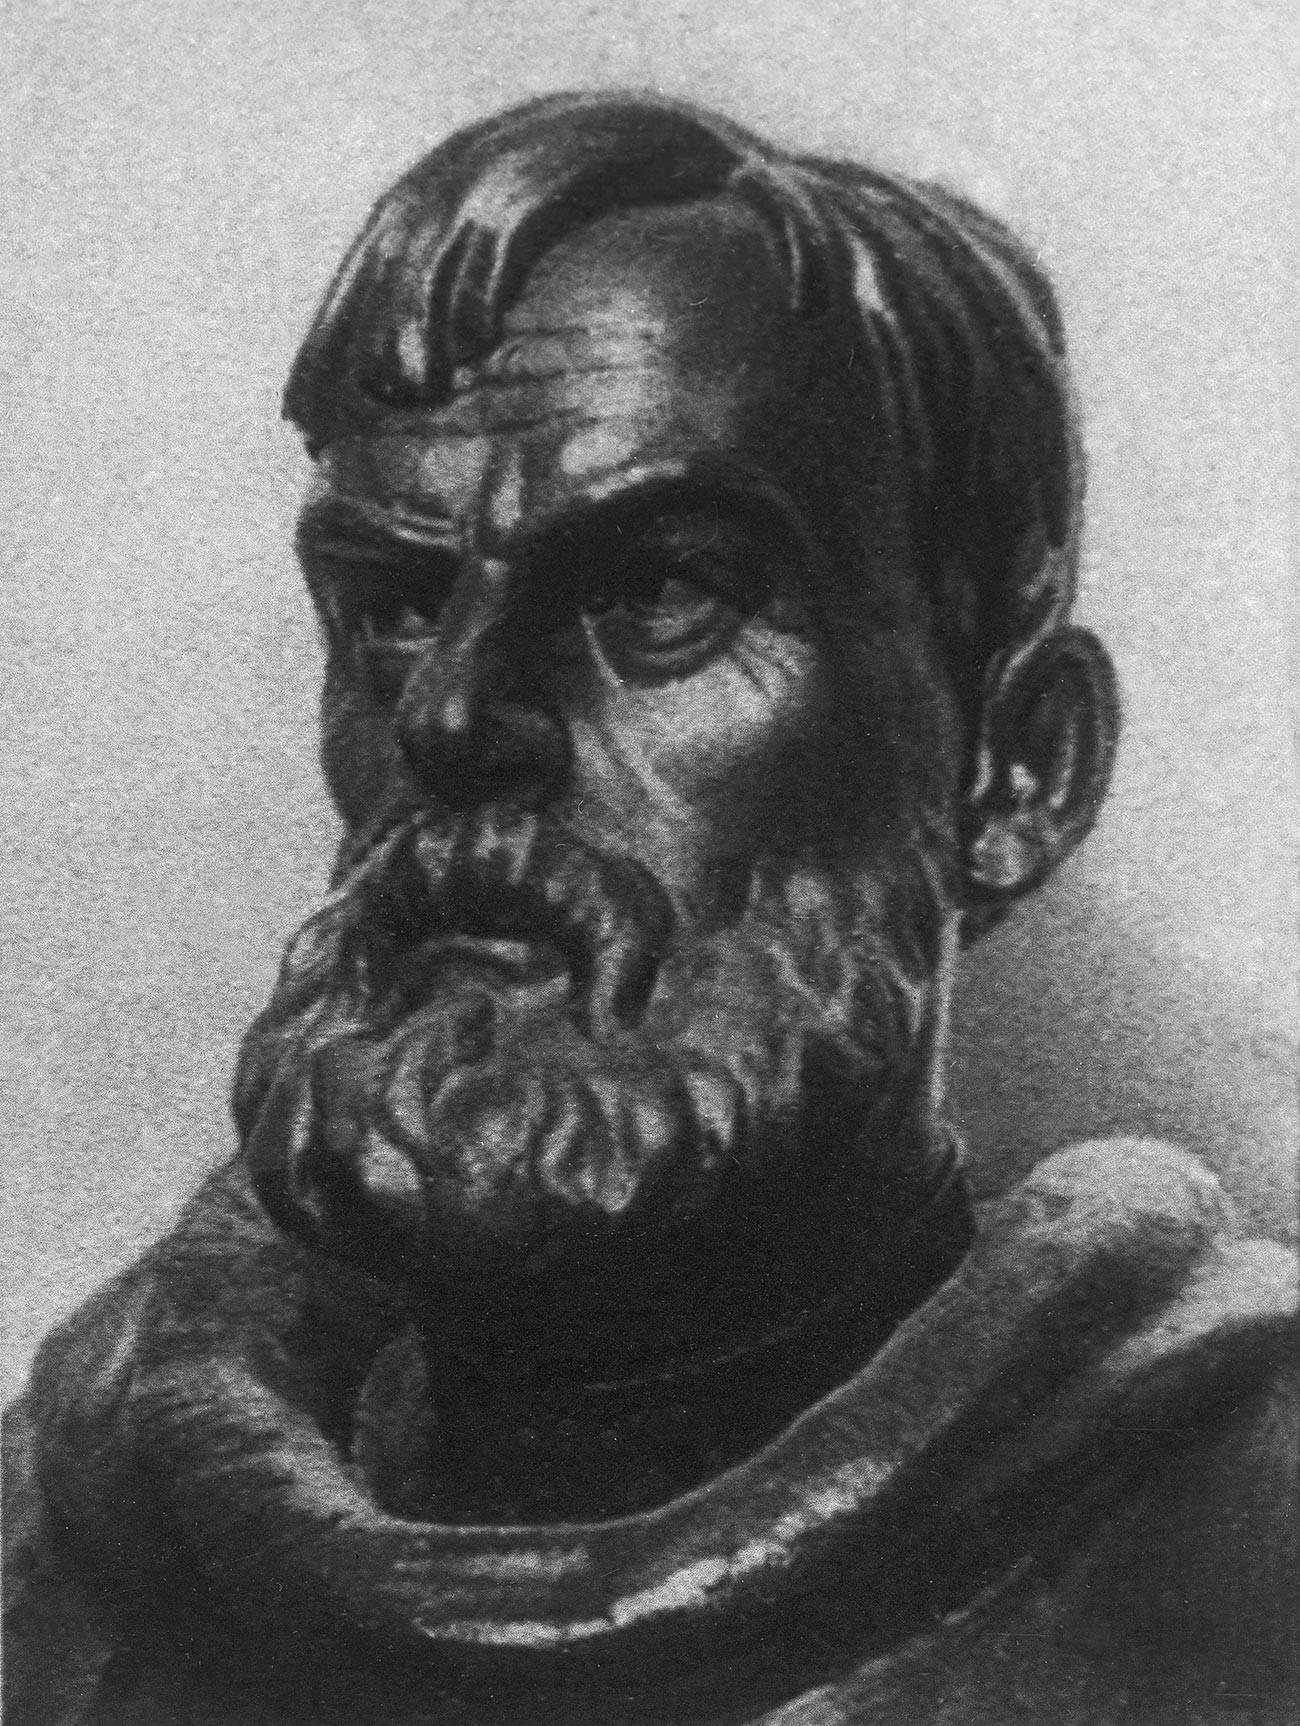 Семјон Иванович Дежњов (1605-1673), руски морепловец